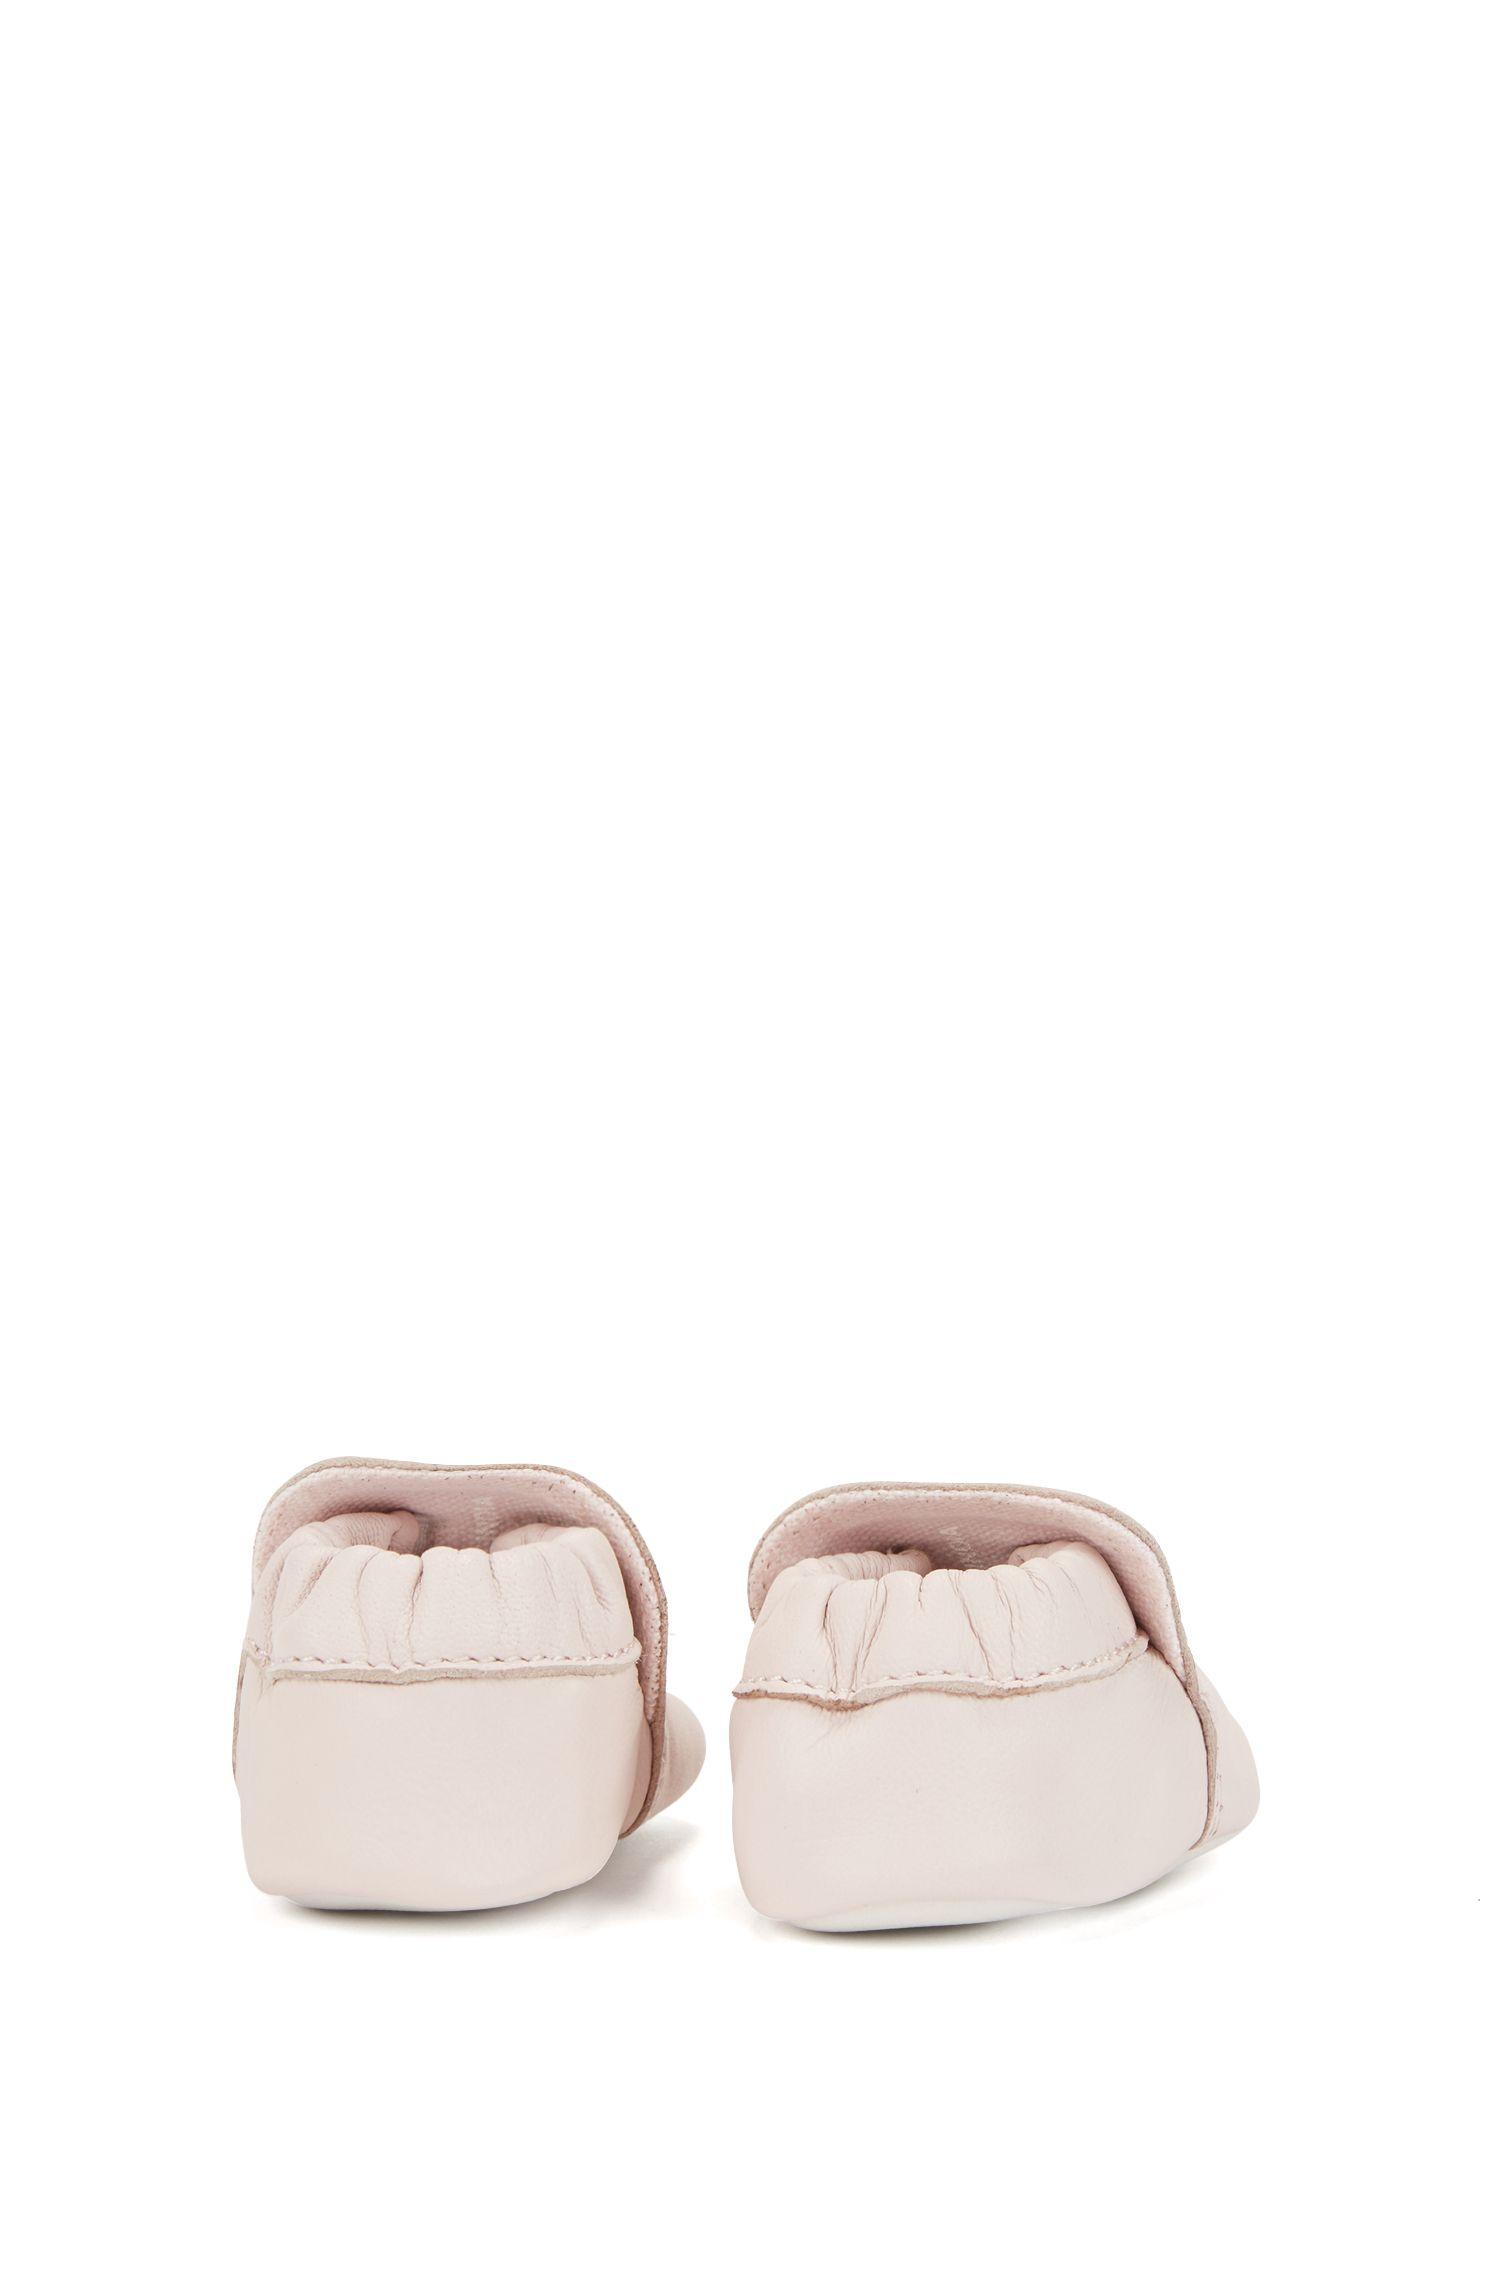 Baby-Stiefel aus weichem Leder, Hellrosa